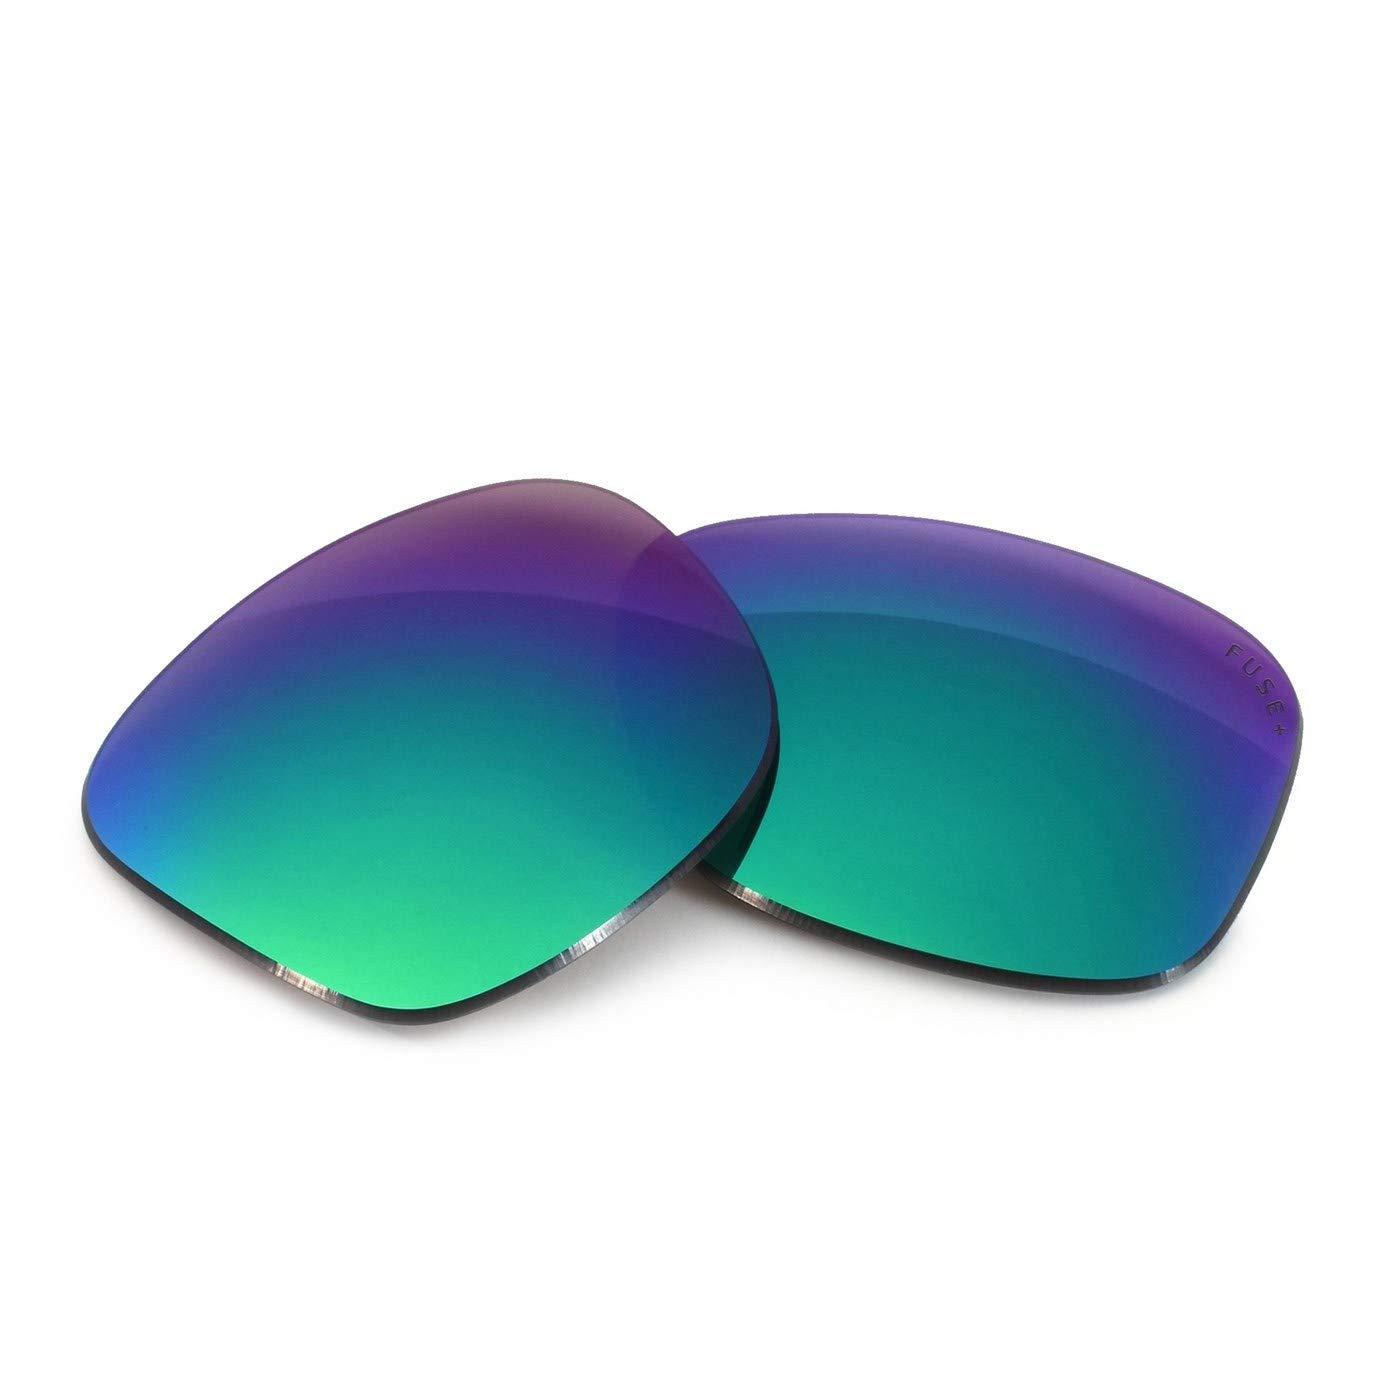 Fuse Lenses for Maui Jim Nalani MJ295